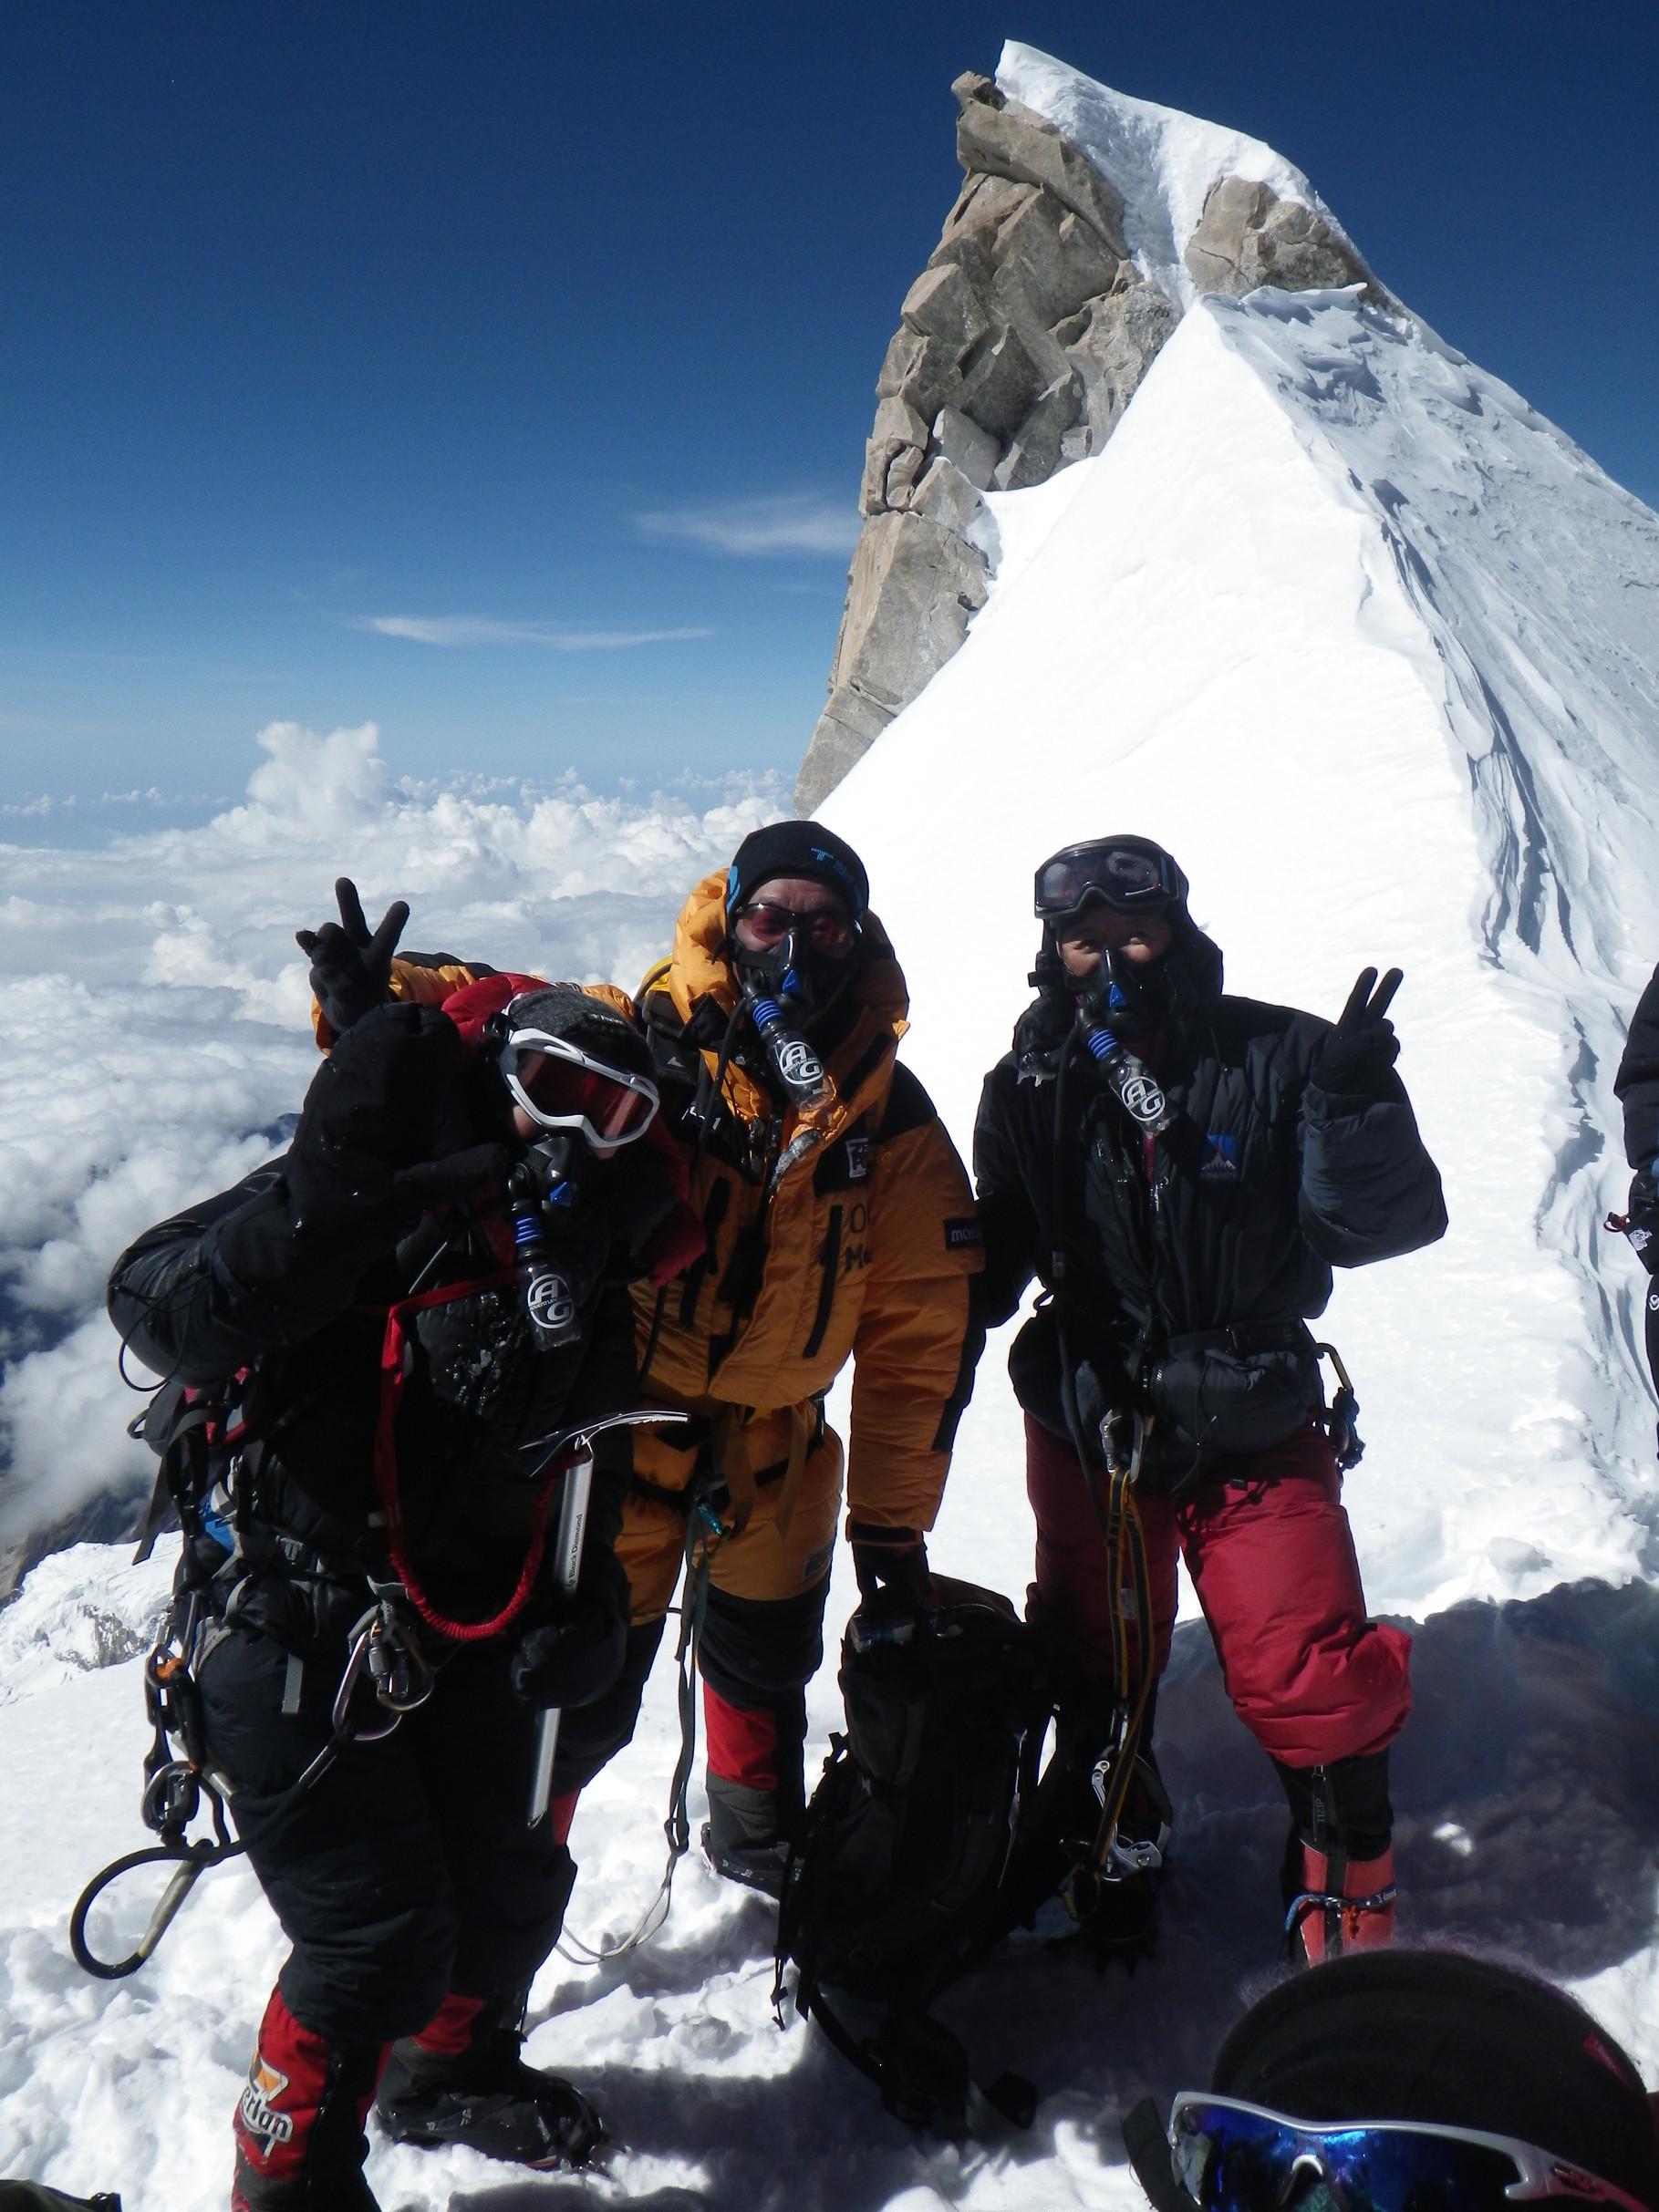 マナスル登山報告書 2012年9月4日~10月6日 - 富士宮山岳會ホームページ